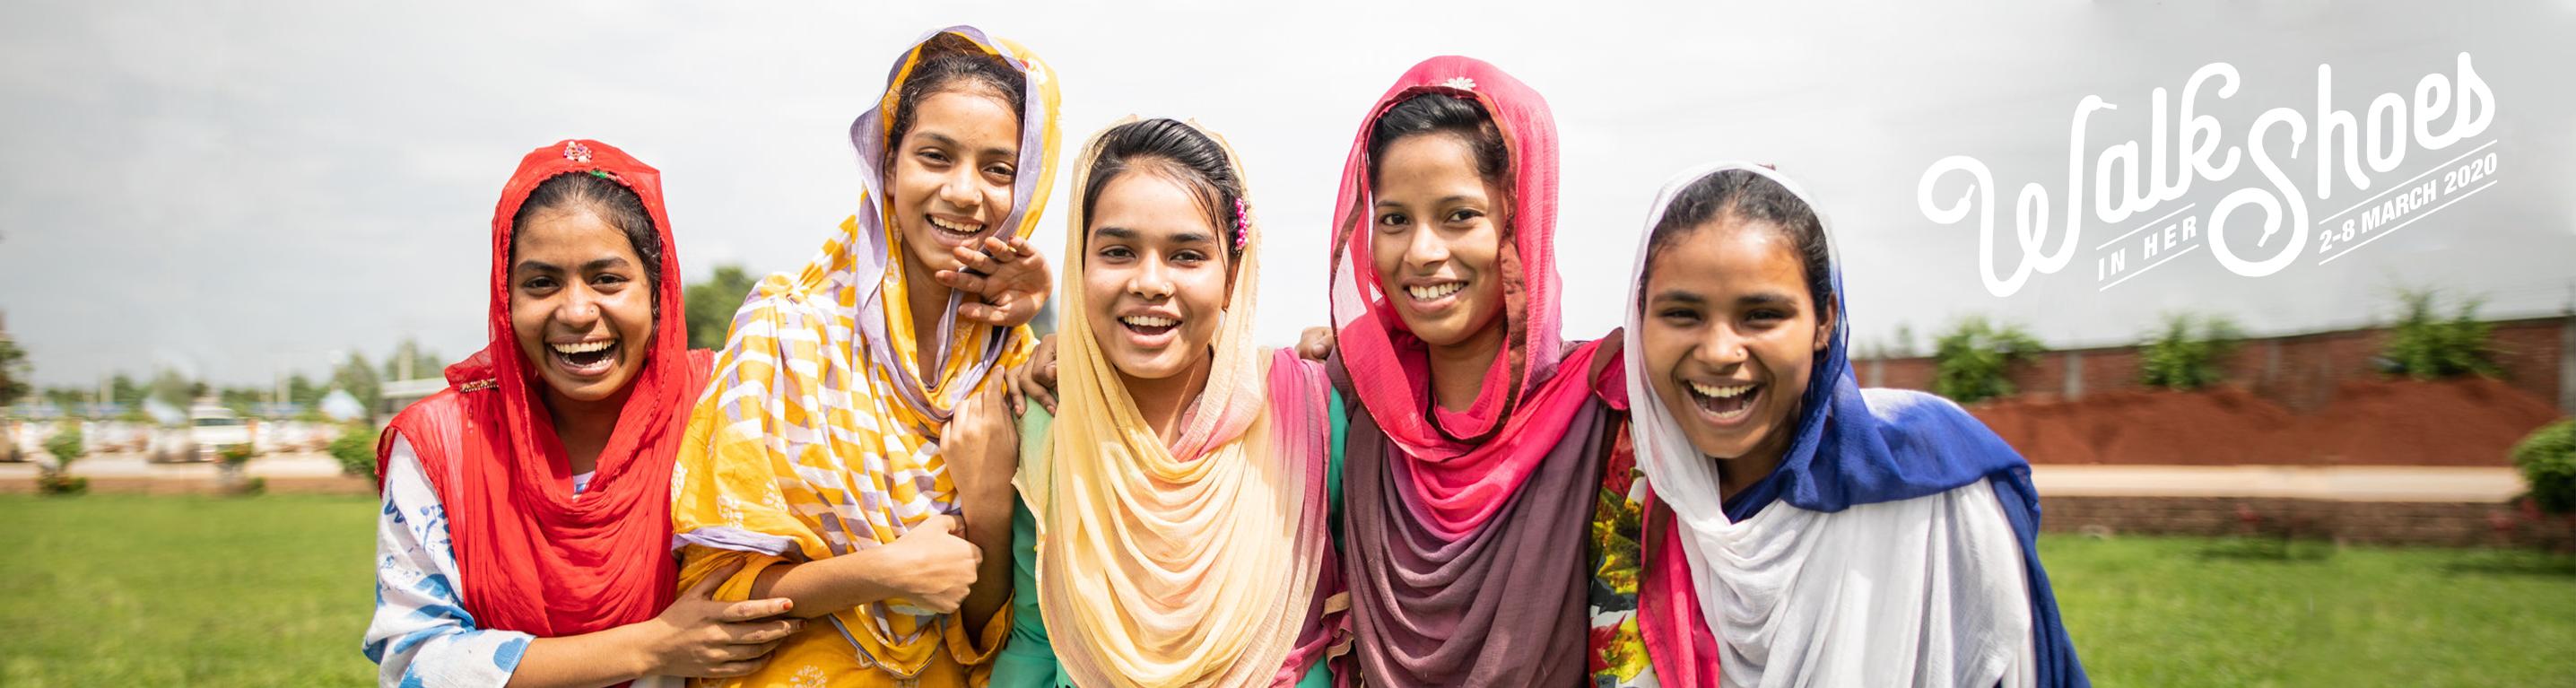 Image of girls smiling